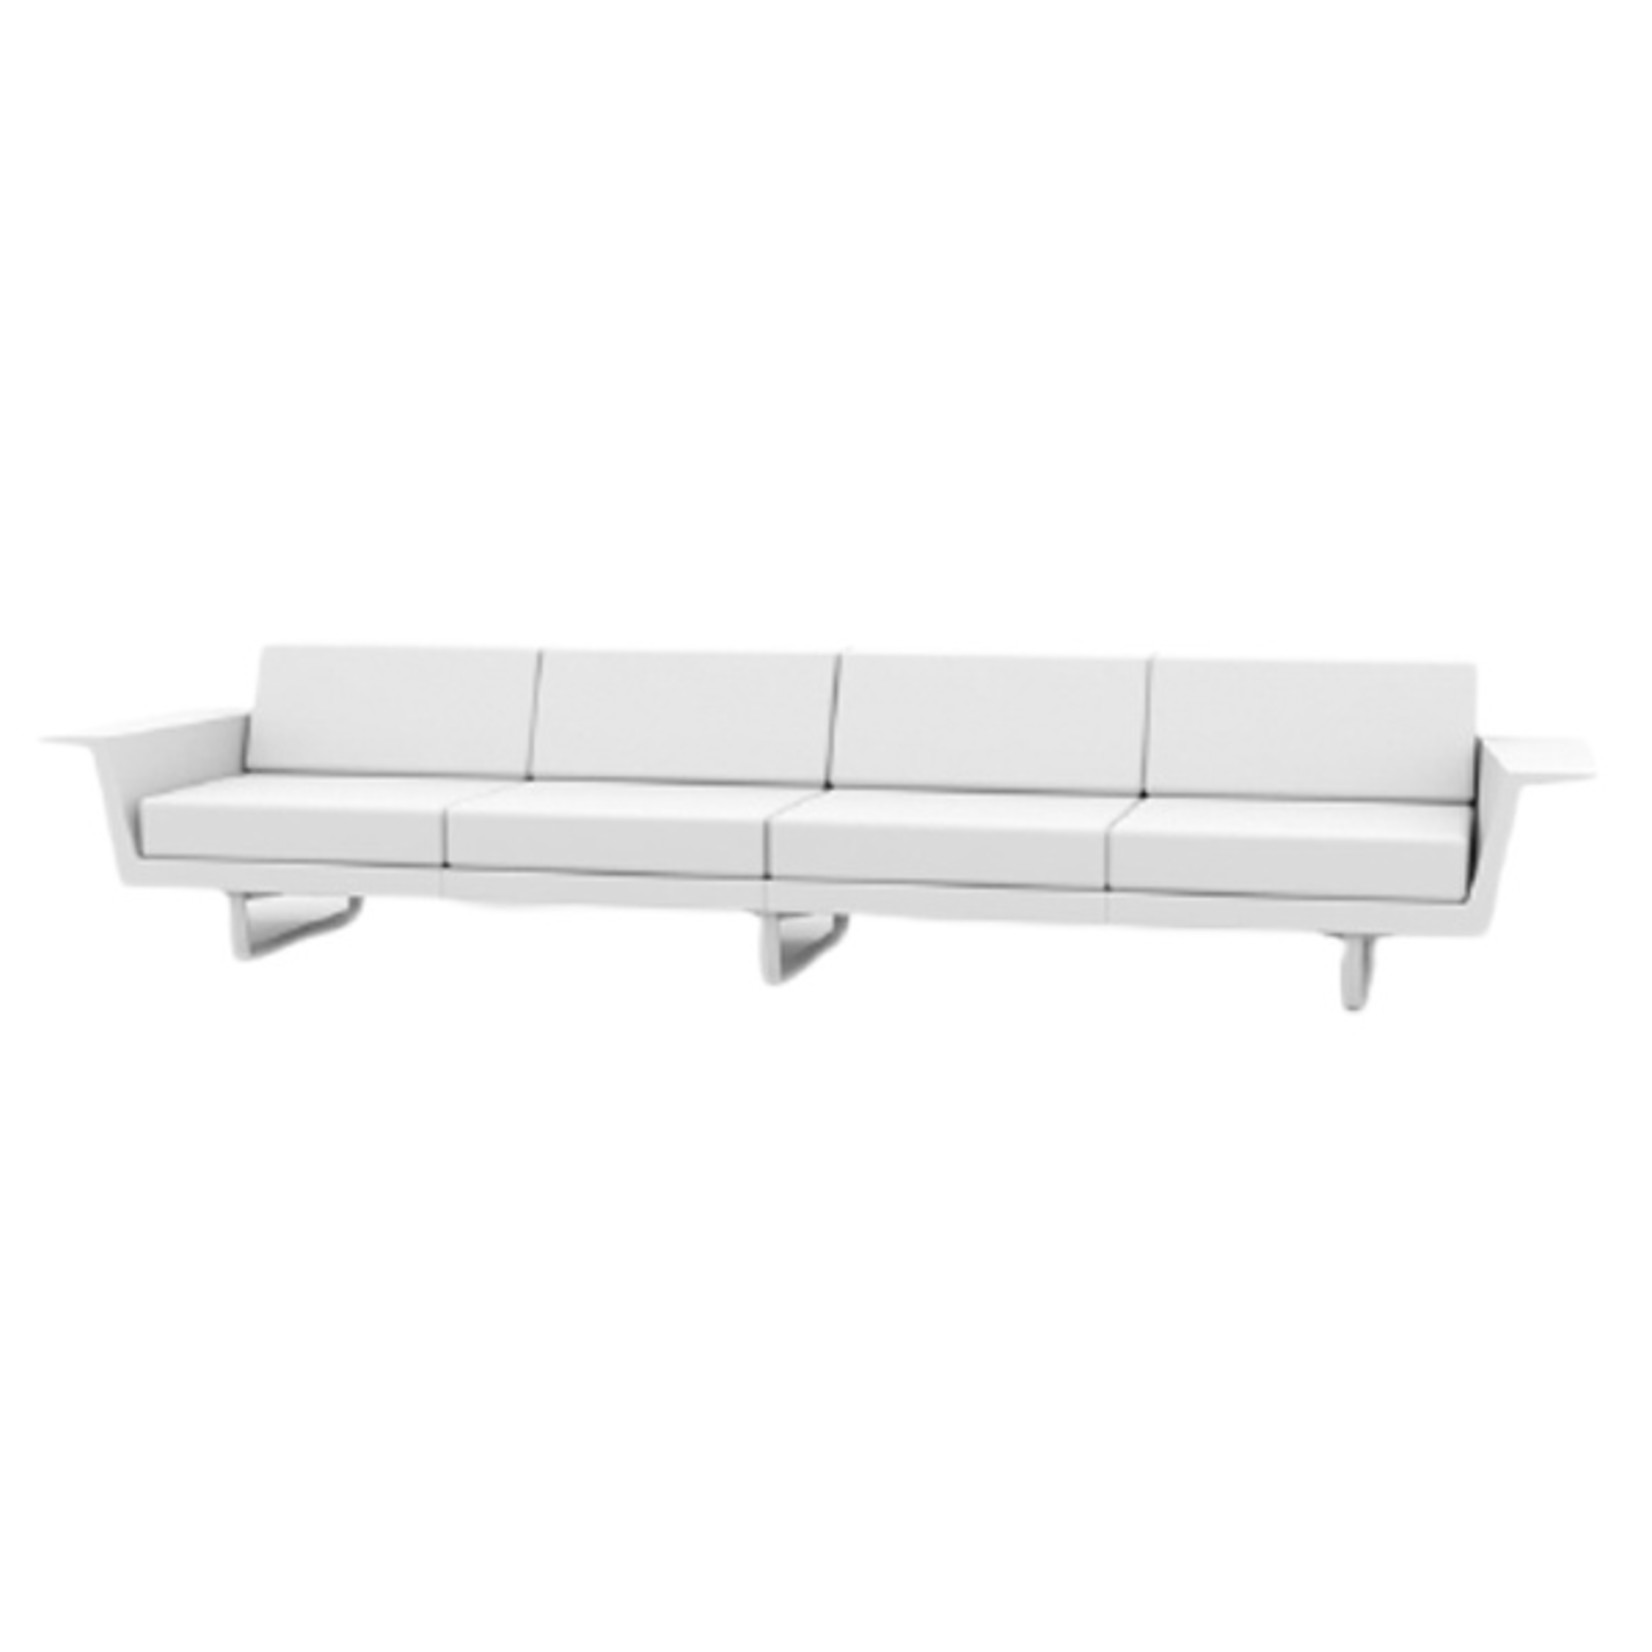 Vondom DELTA Sofa 4 seat